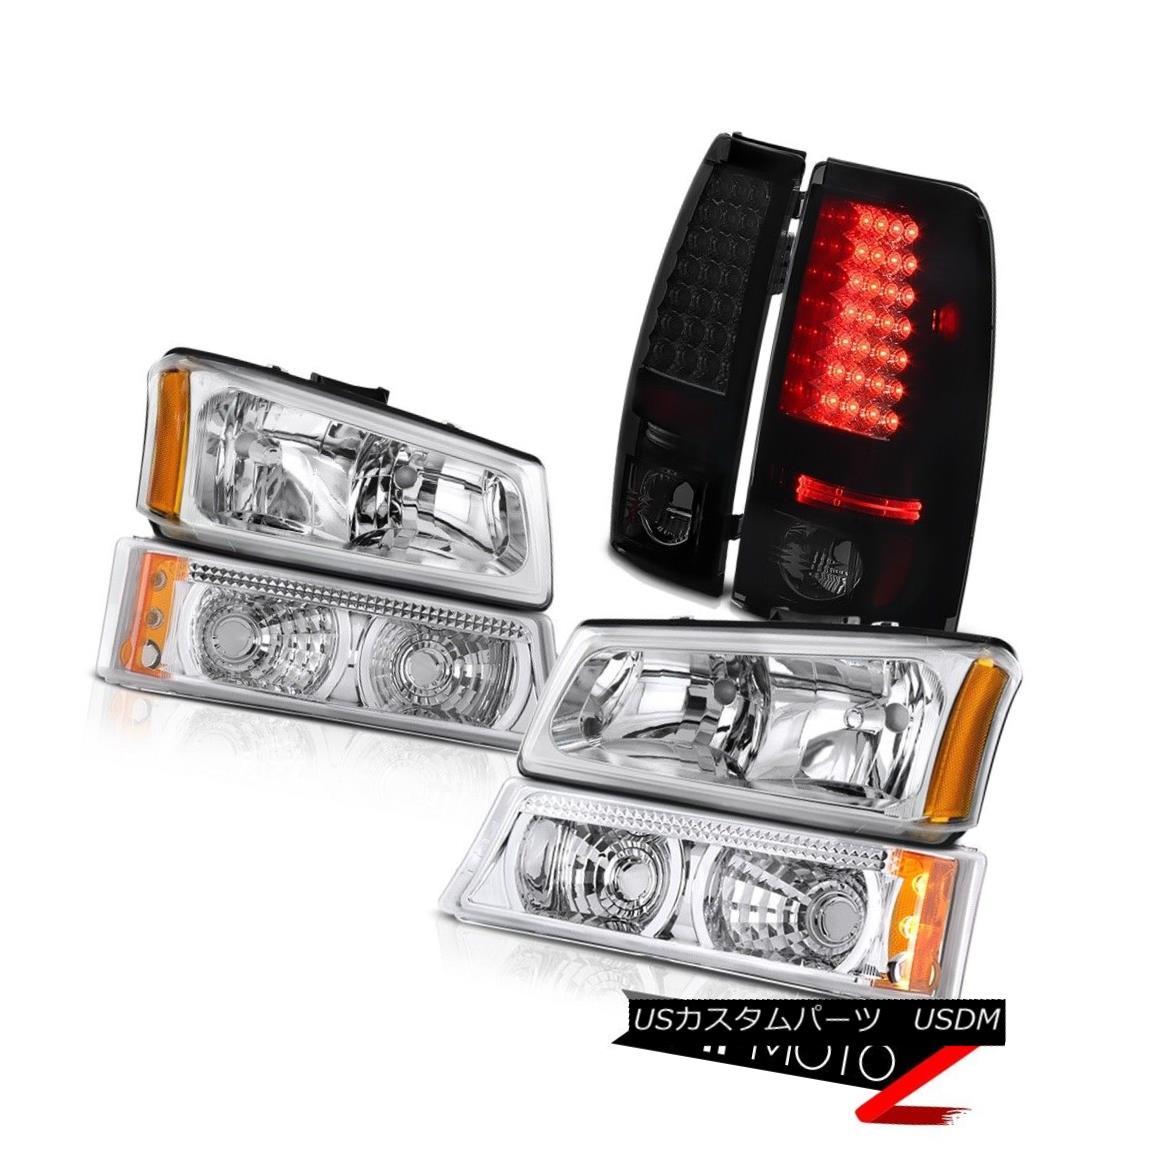 ヘッドライト Left Right Headlights Bumper Rear Brake Tail Light LED 2003-2006 Silverado 1500 左右ヘッドライトバンパーリアブレーキテールライトLED 2003-2006シルバラード1500